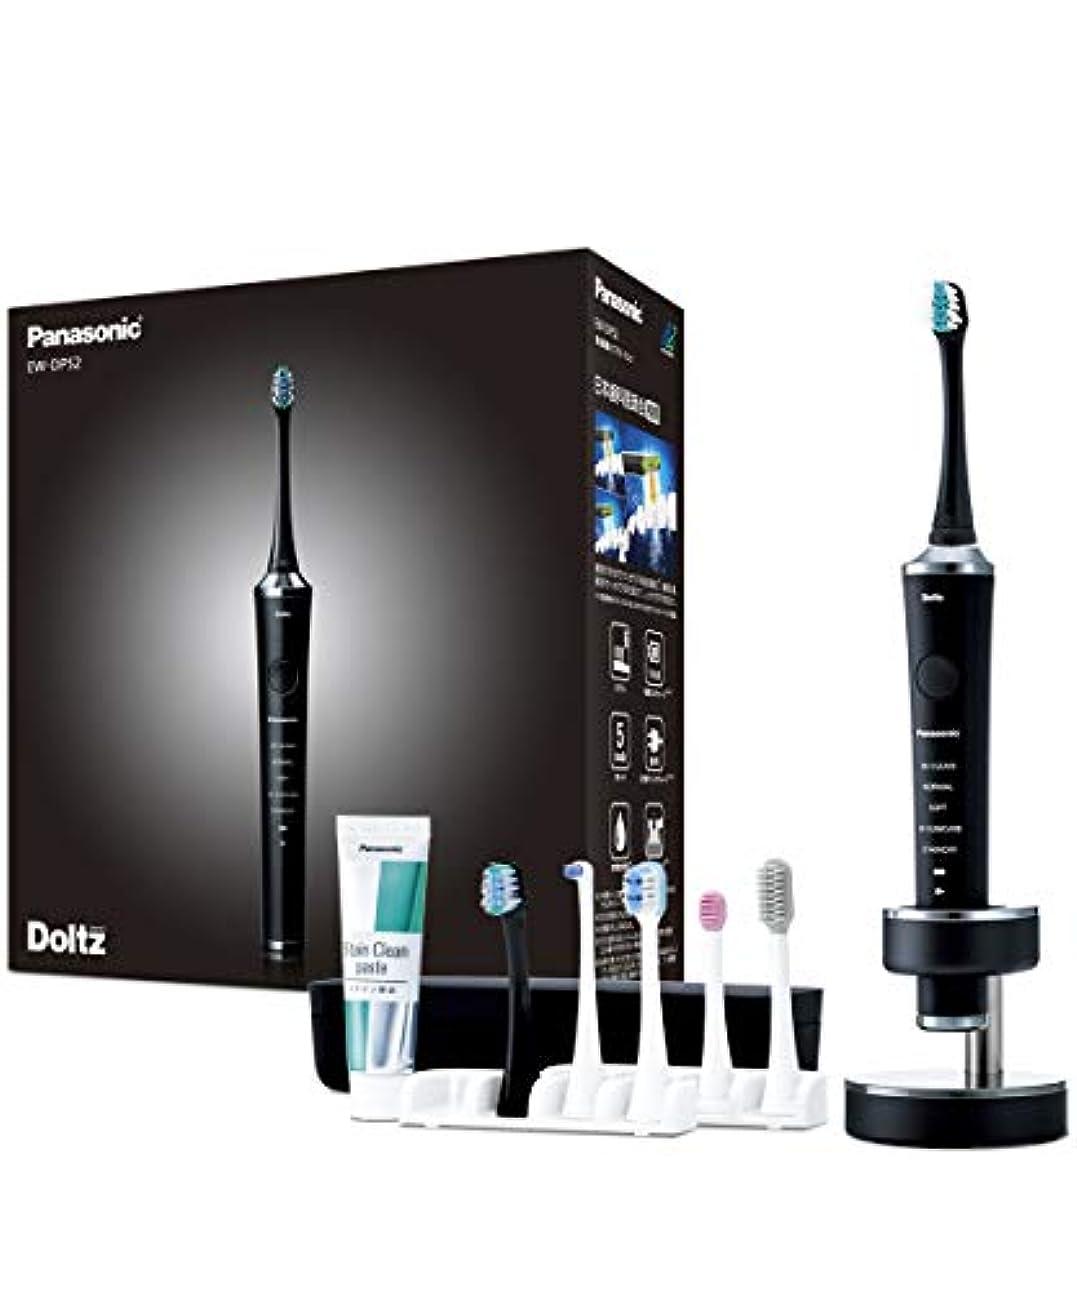 汚染成功カイウスパナソニック 電動歯ブラシ ドルツ 黒 EW-DP52-K